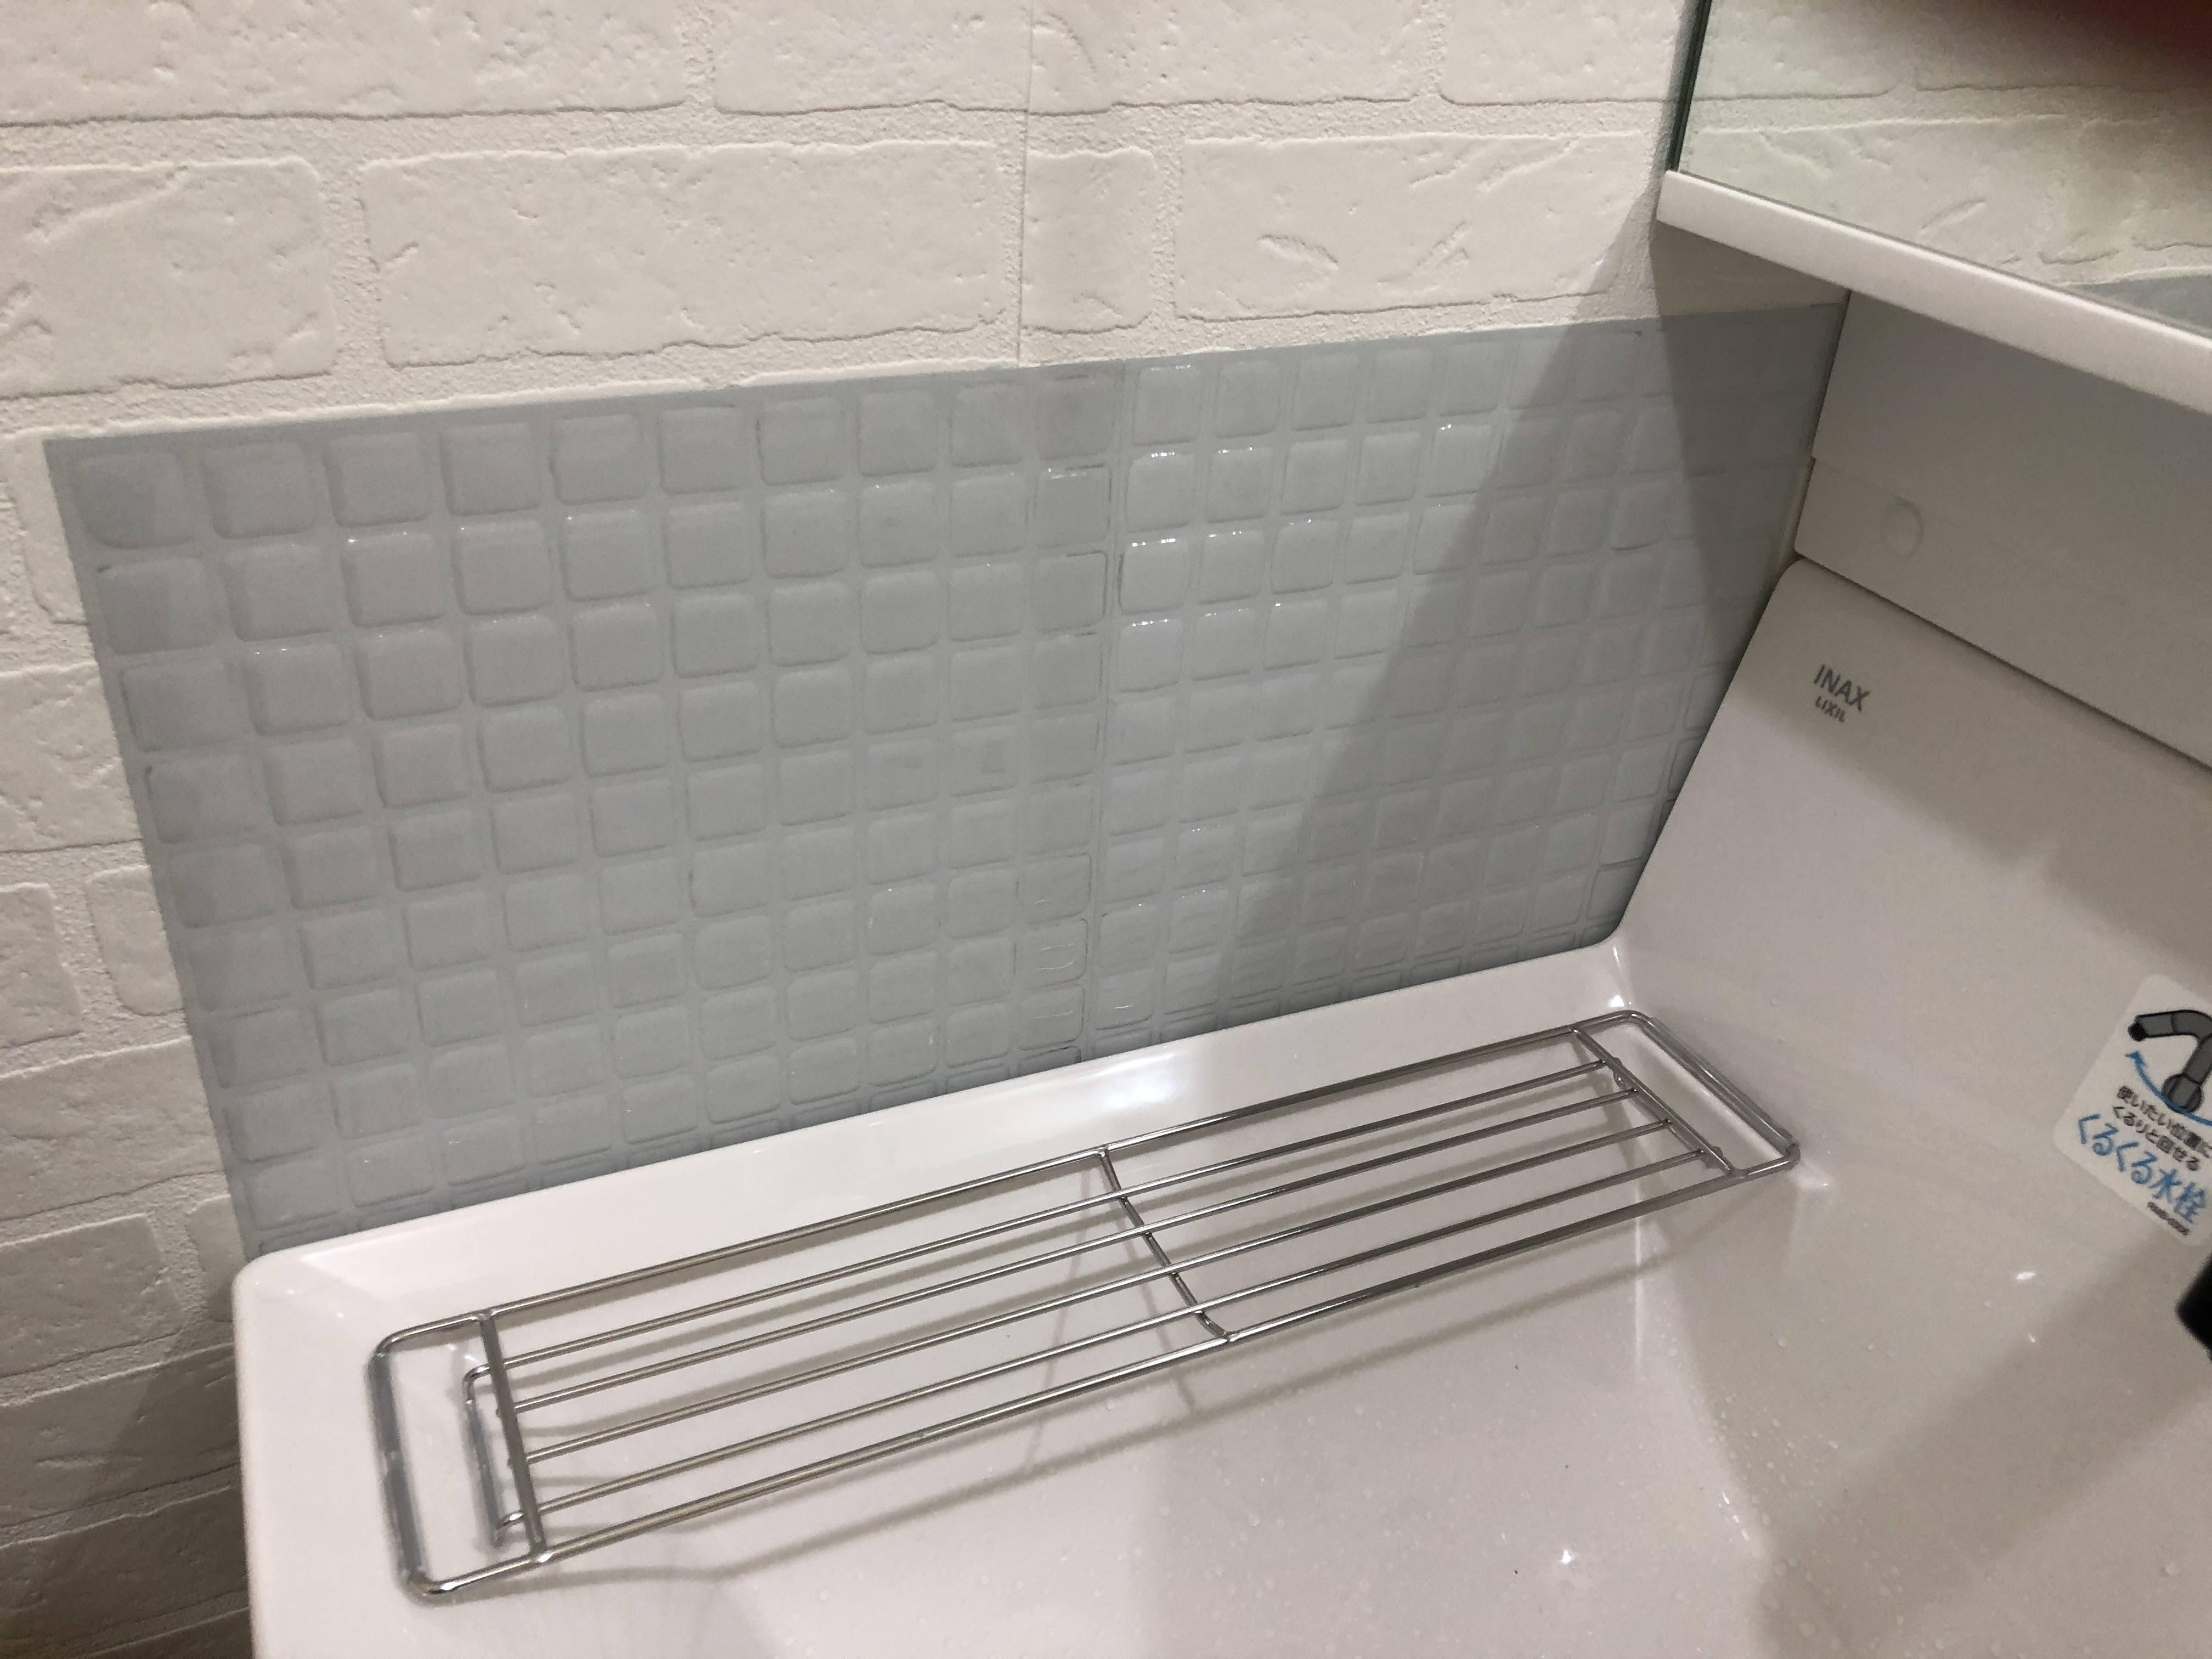 汚れやすい洗面台の壁サイドにタイルシールを貼ったところ